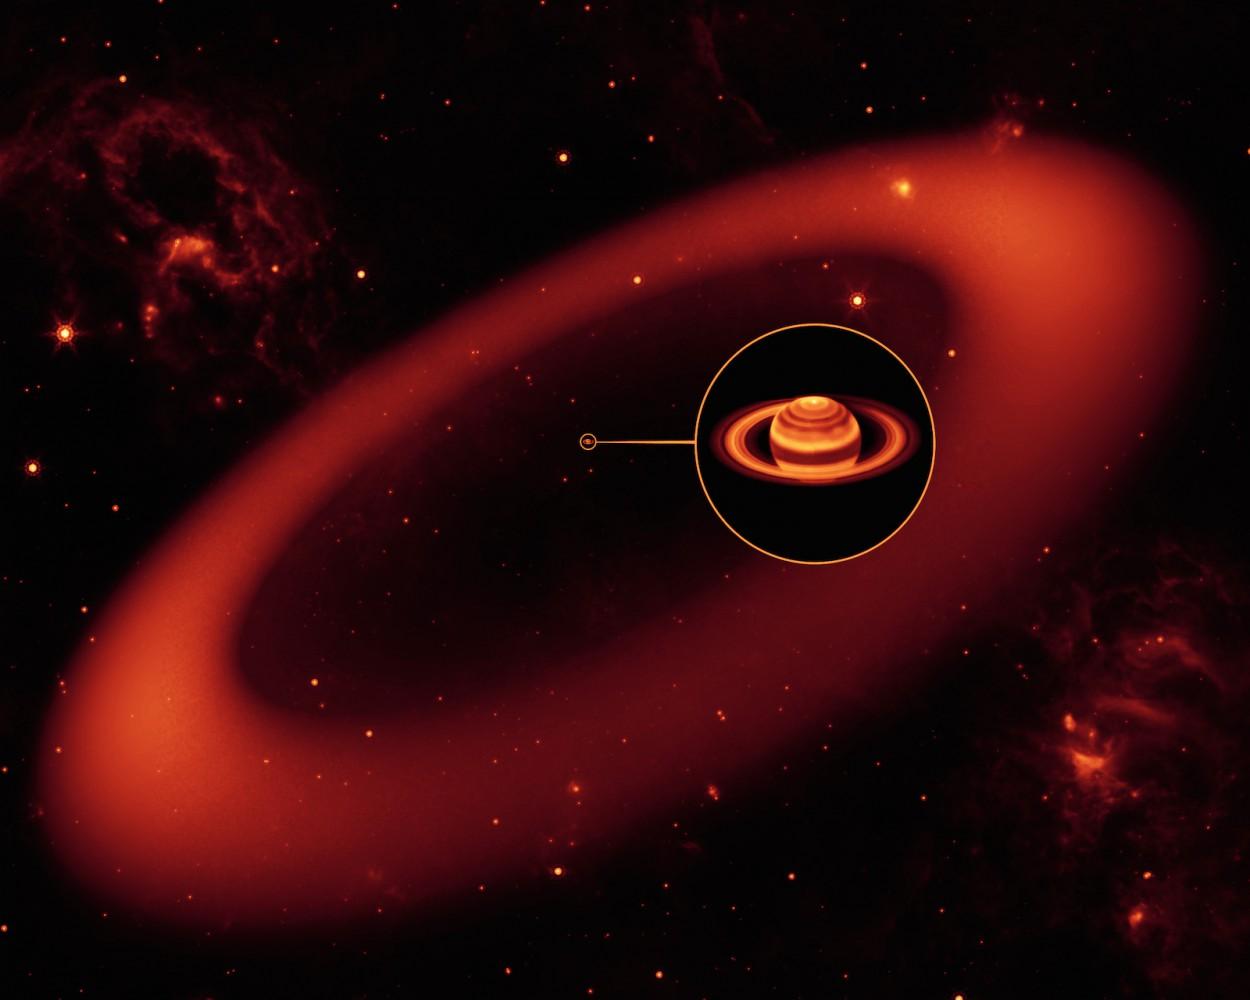 Фото 8 - 10 странных объектов Солнечной системы, о которых нам мало что известно